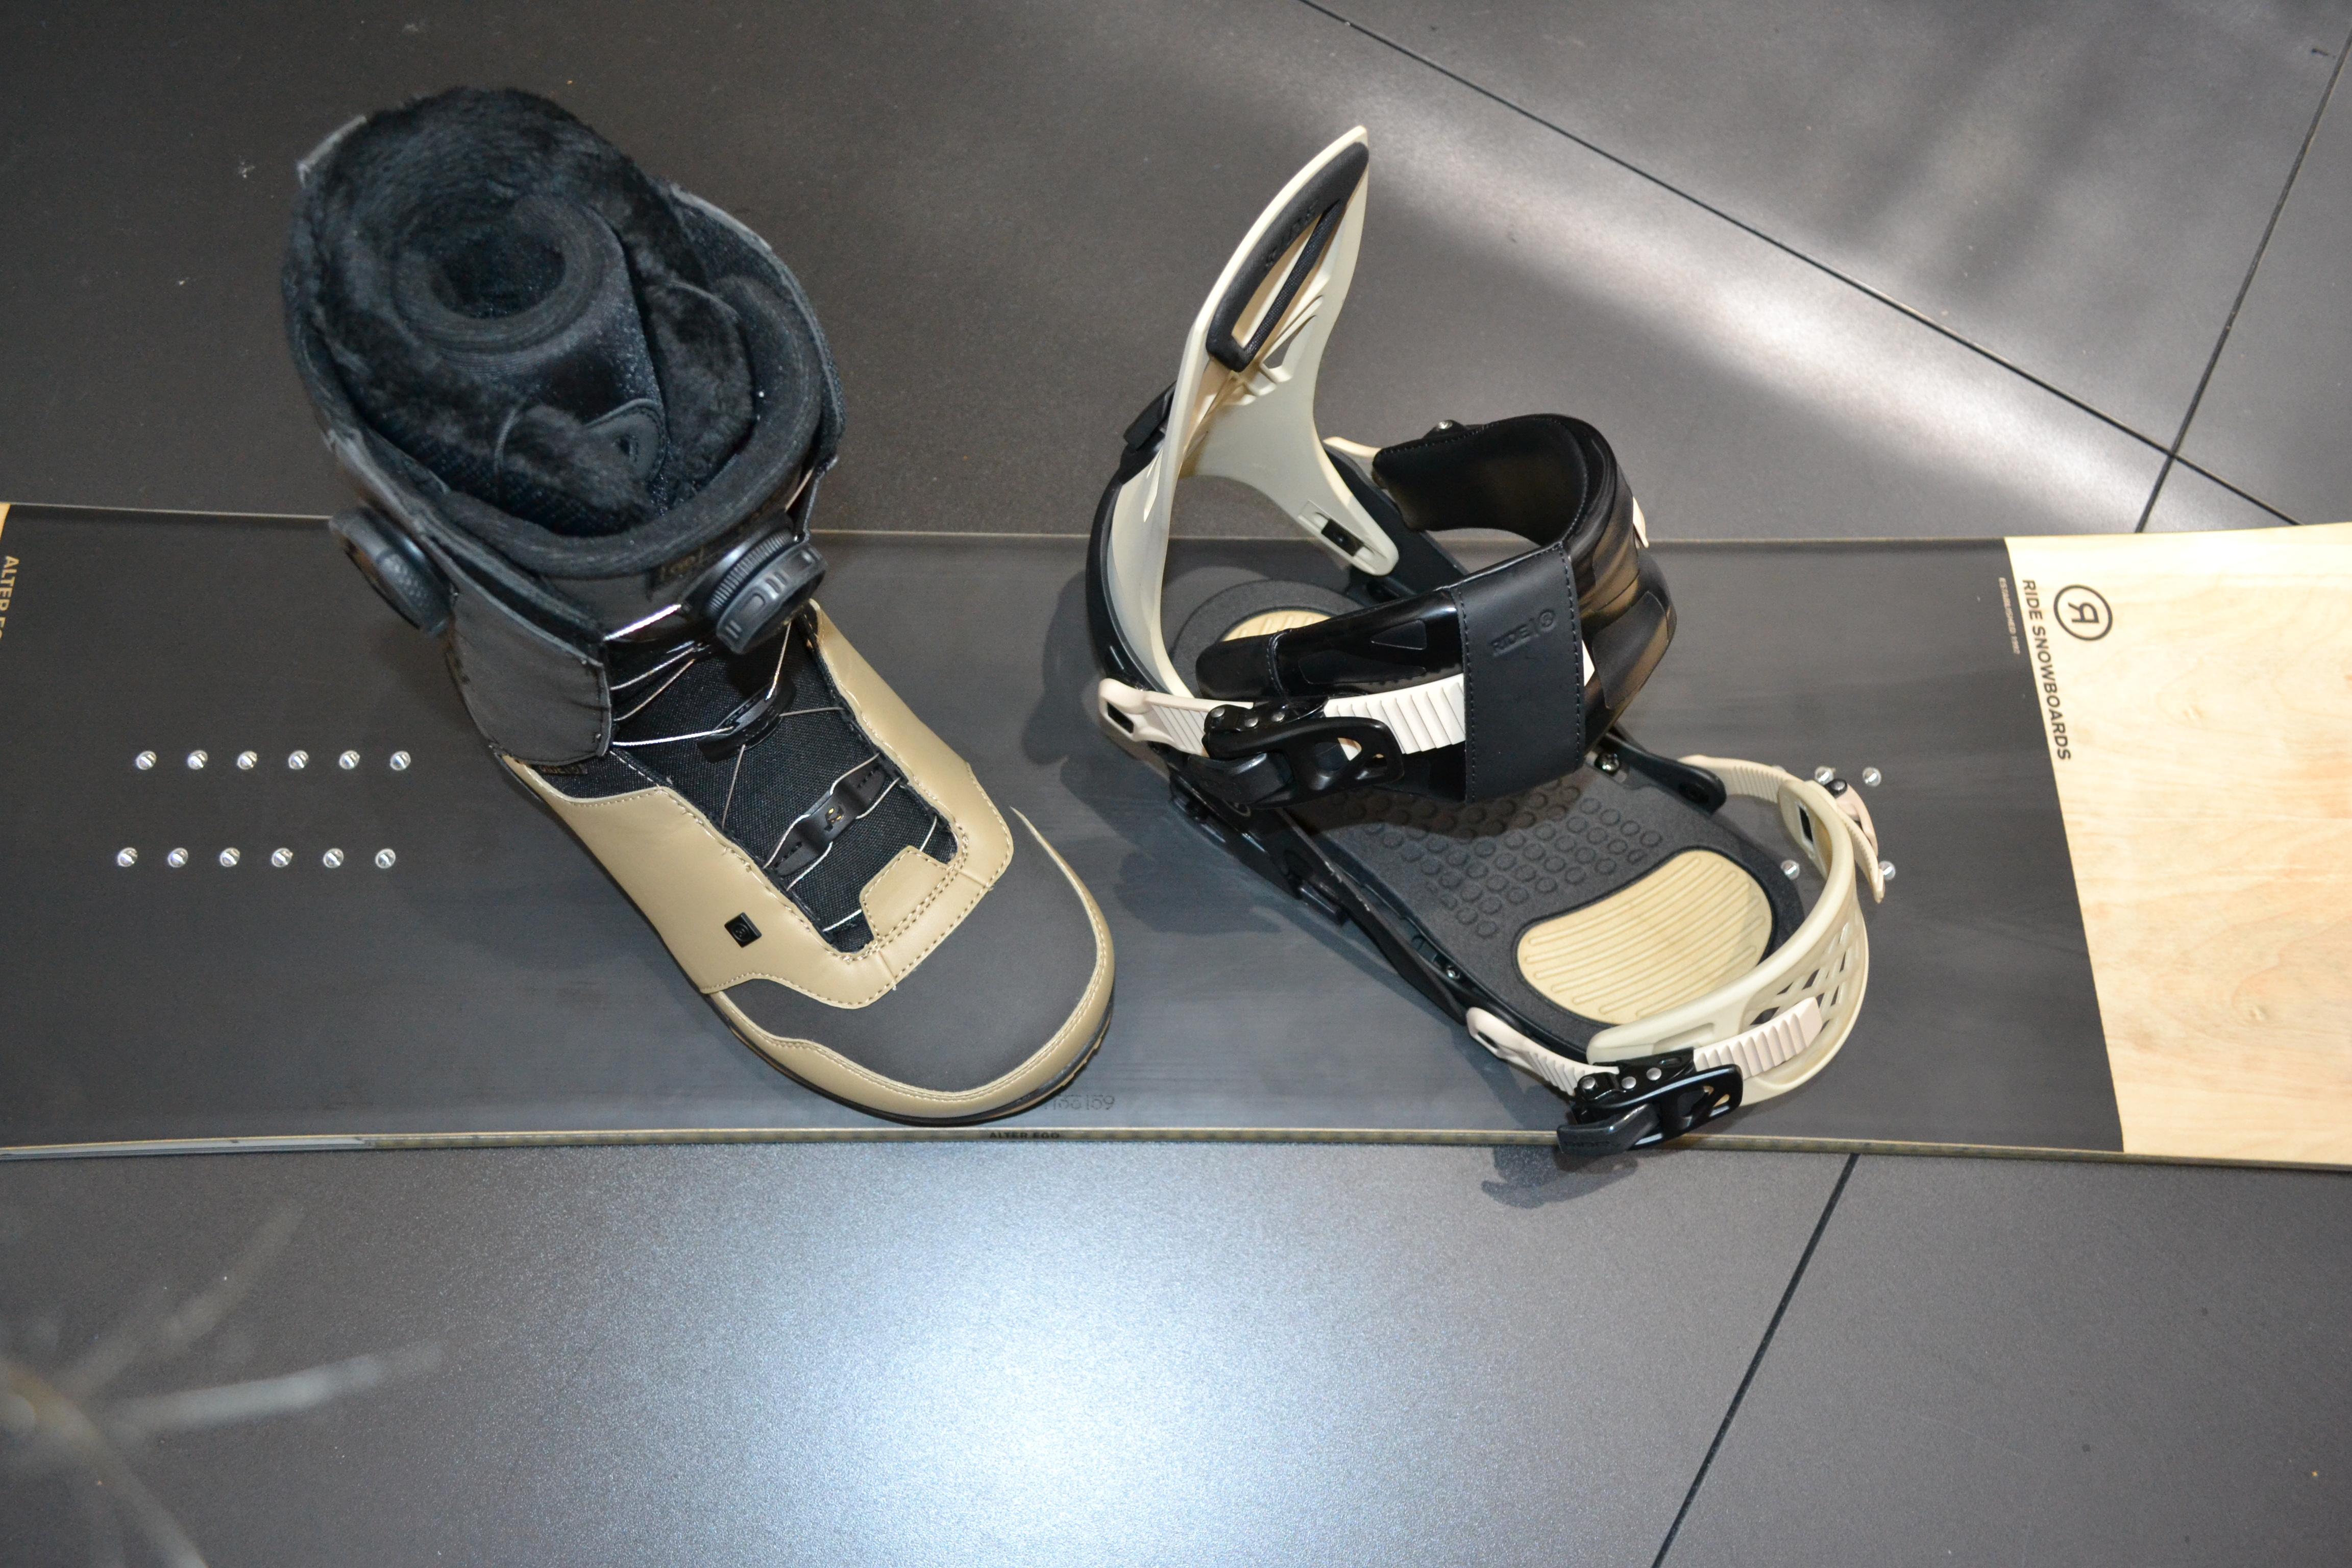 Alter Ego Snowboard, Capo Bindung, und Lasso Boot